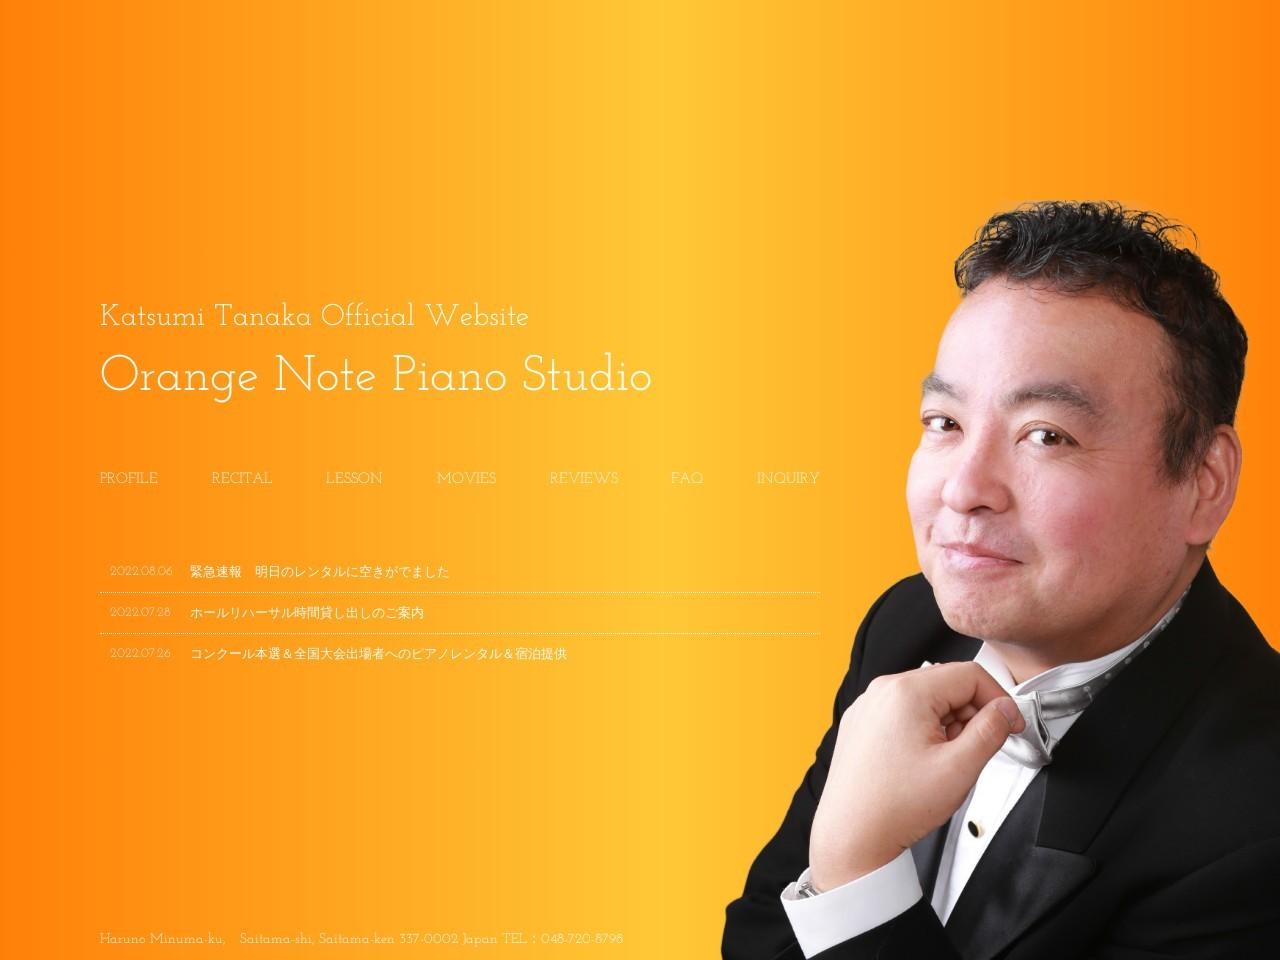 オレンジノートピアノスタジオのサムネイル